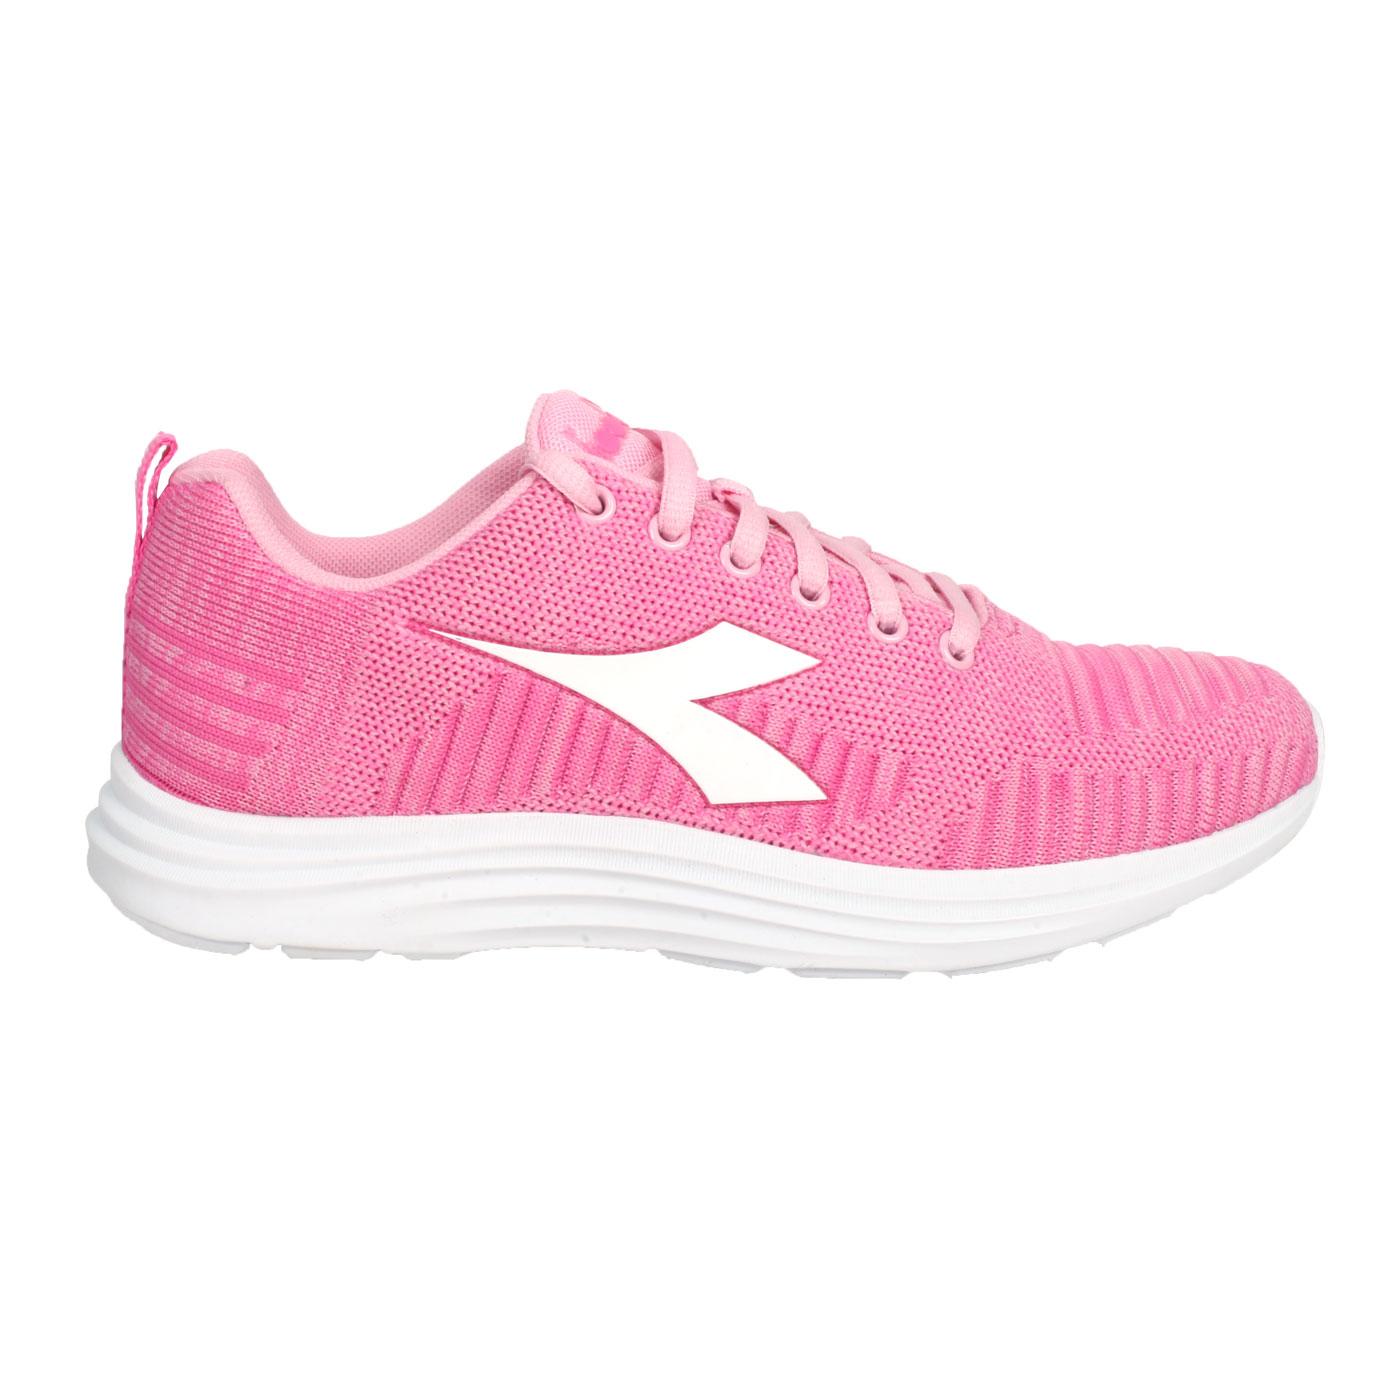 DIADORA 女款進口慢跑鞋 DA176872-C9042 - 桃紅白